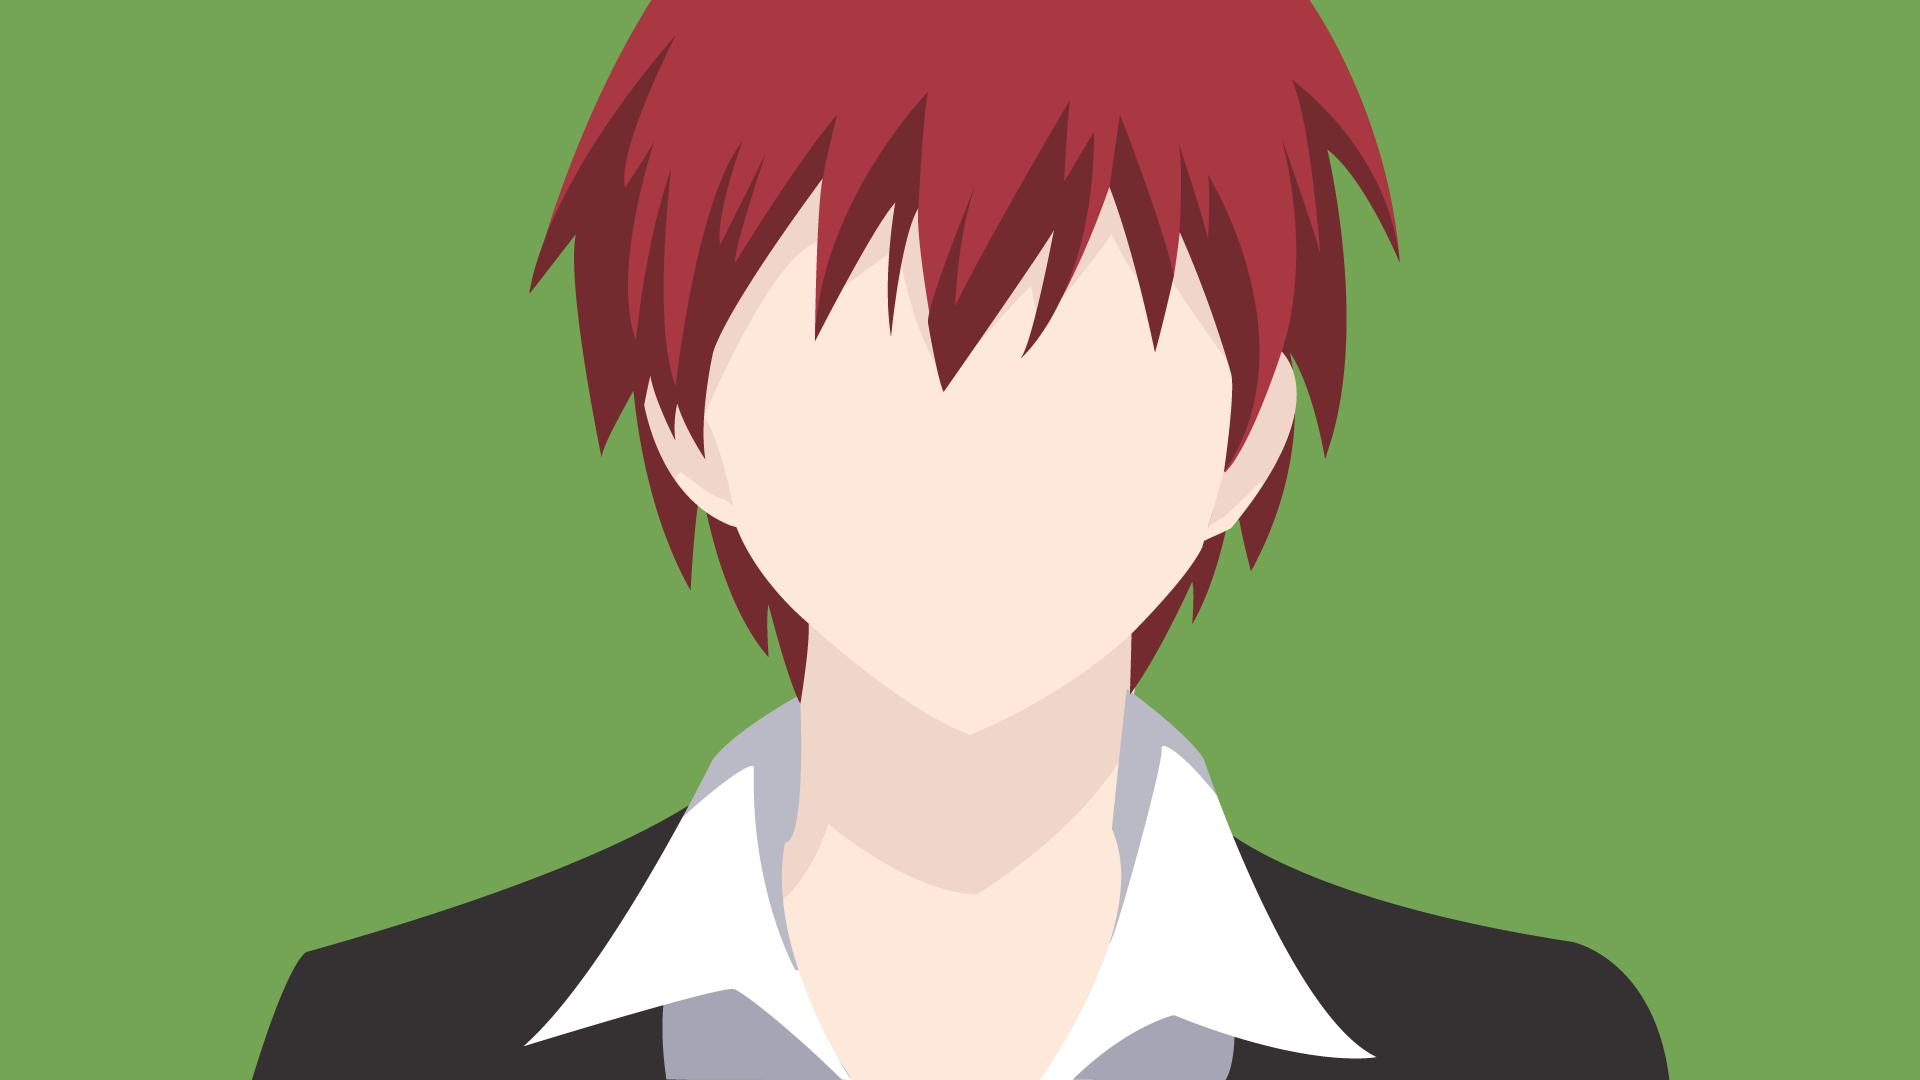 Assassination Classroom Minimalist Wallpaper ~ Karma ansatsu kyoshitsu minimalist by sykotixuk on